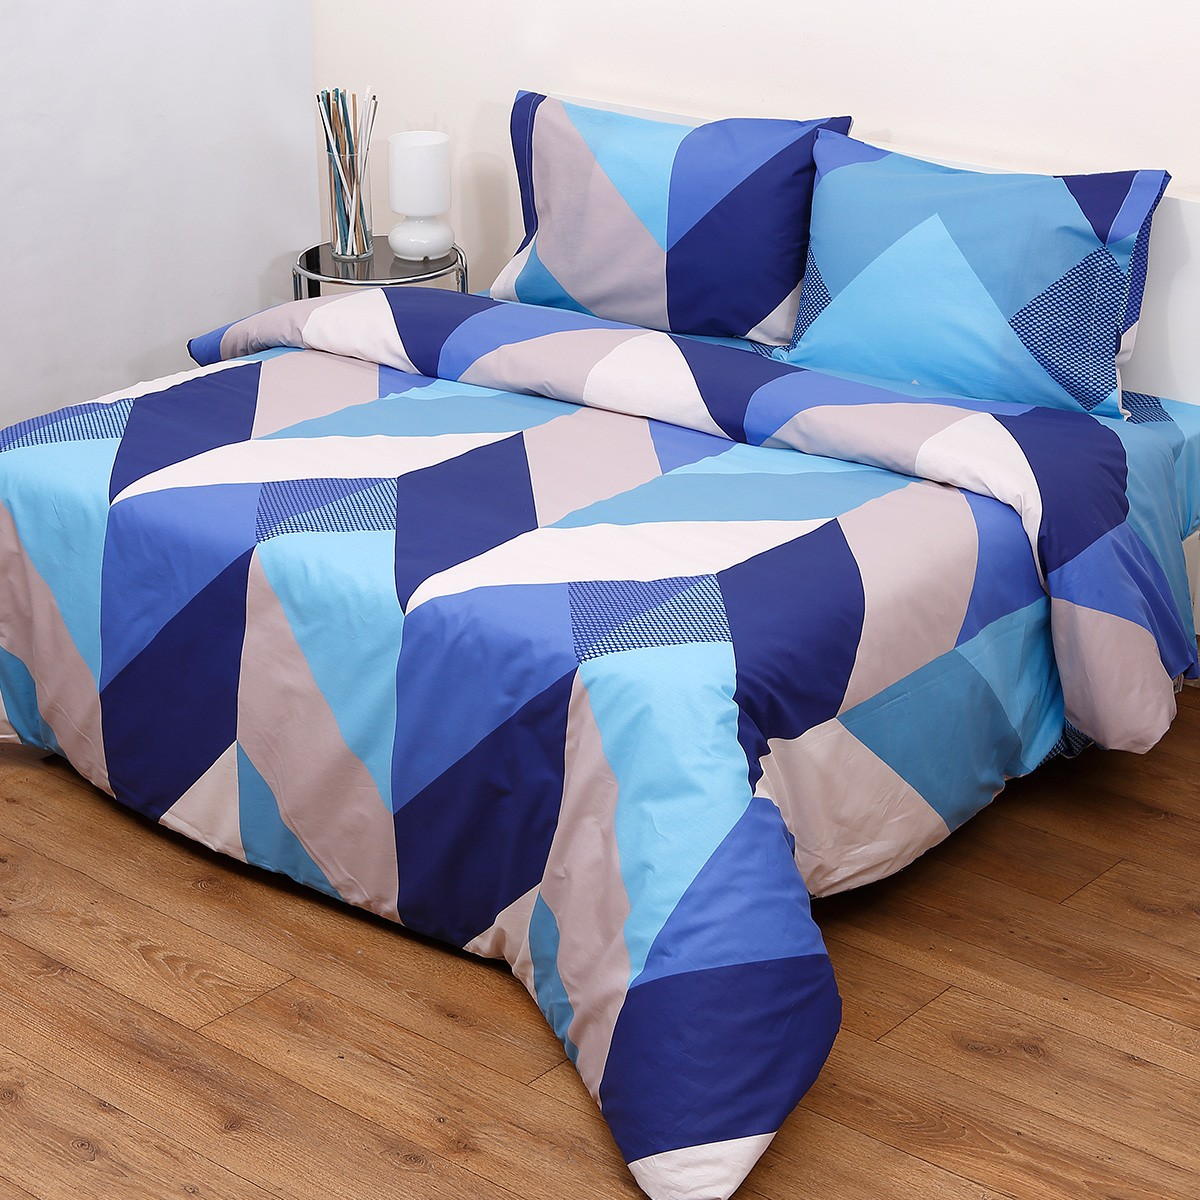 Κουβερλί Υπέρδιπλο (Σετ) Viopros Fresh Ένζο Μπλε